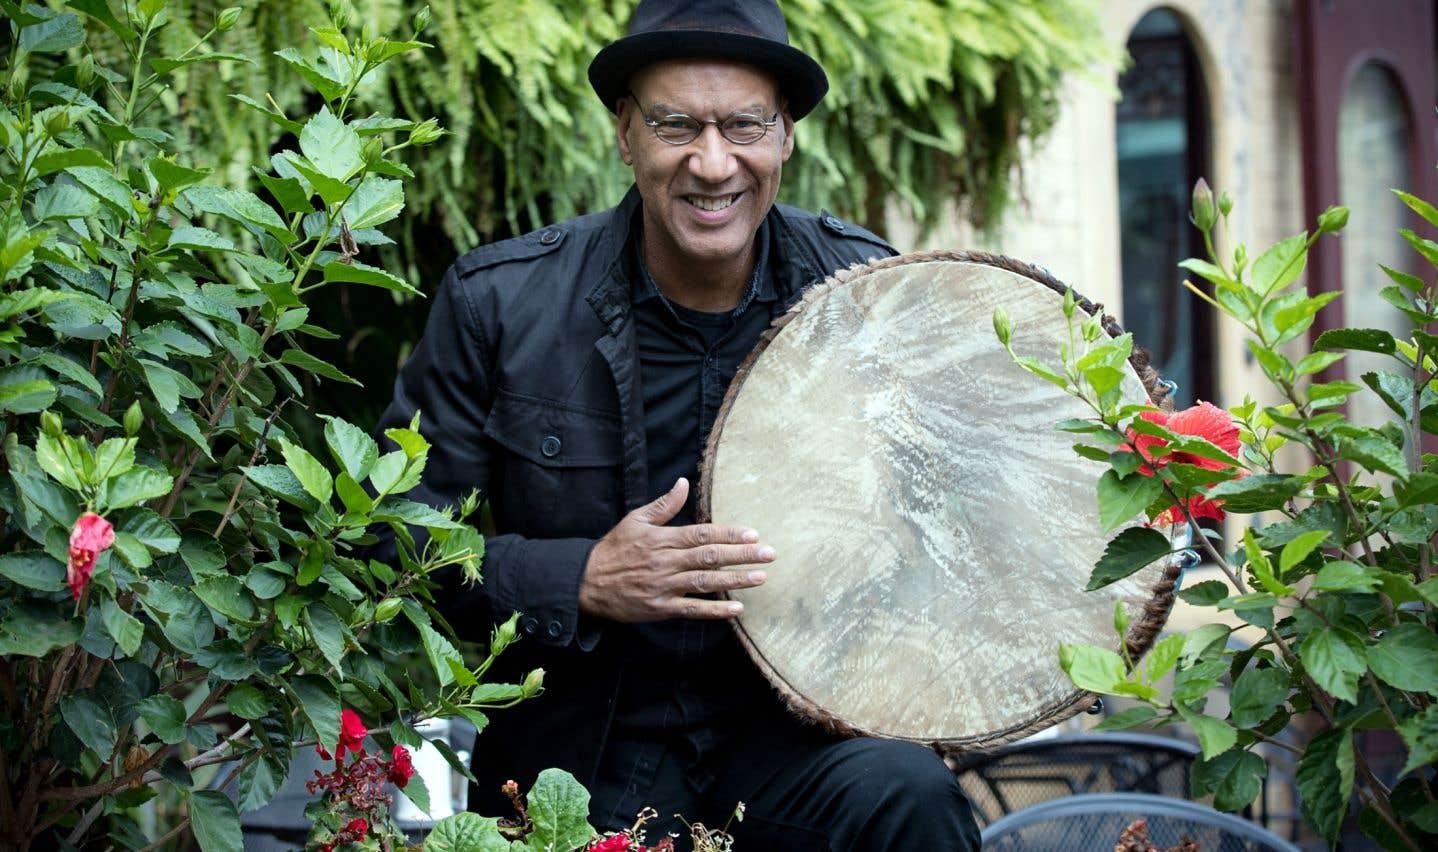 «Anba Tonèl», l'album de Daniel Bellegarde, est une ode véritable aux musiques de danse et à la libre chanson sous la tonnelle.